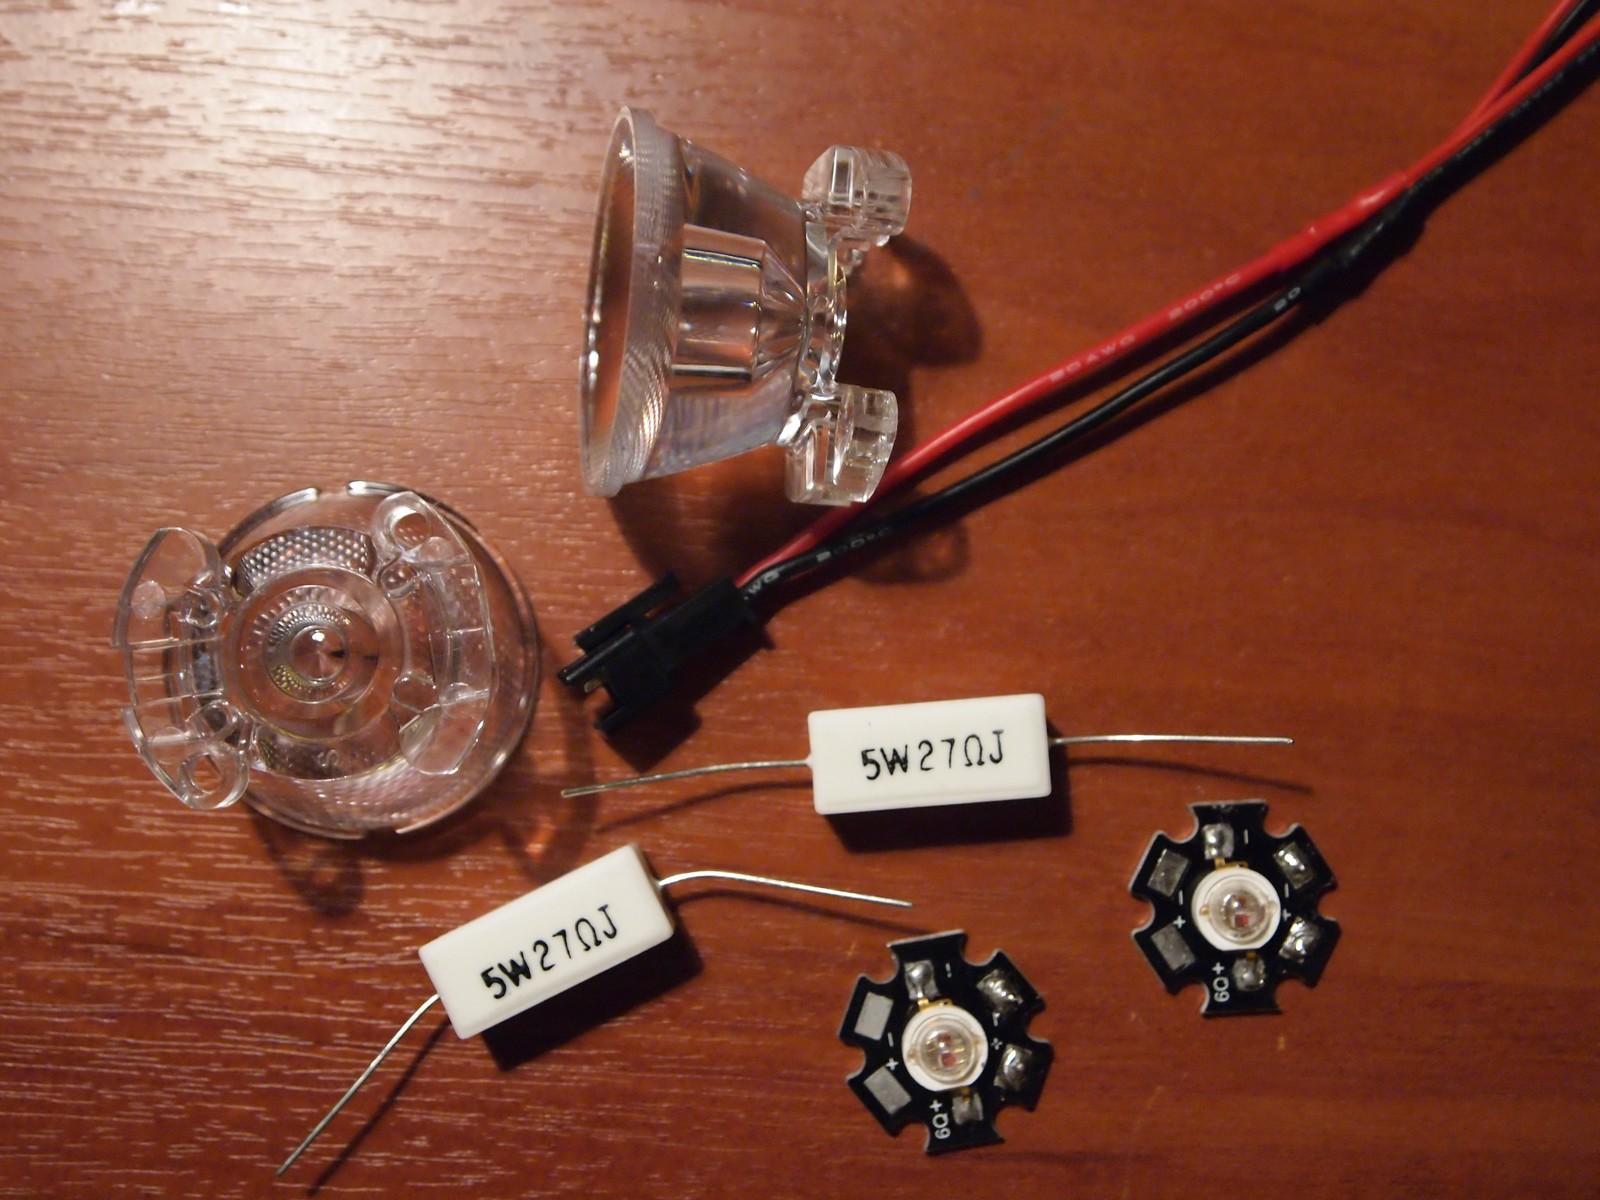 Чип и дип светодиодные модули